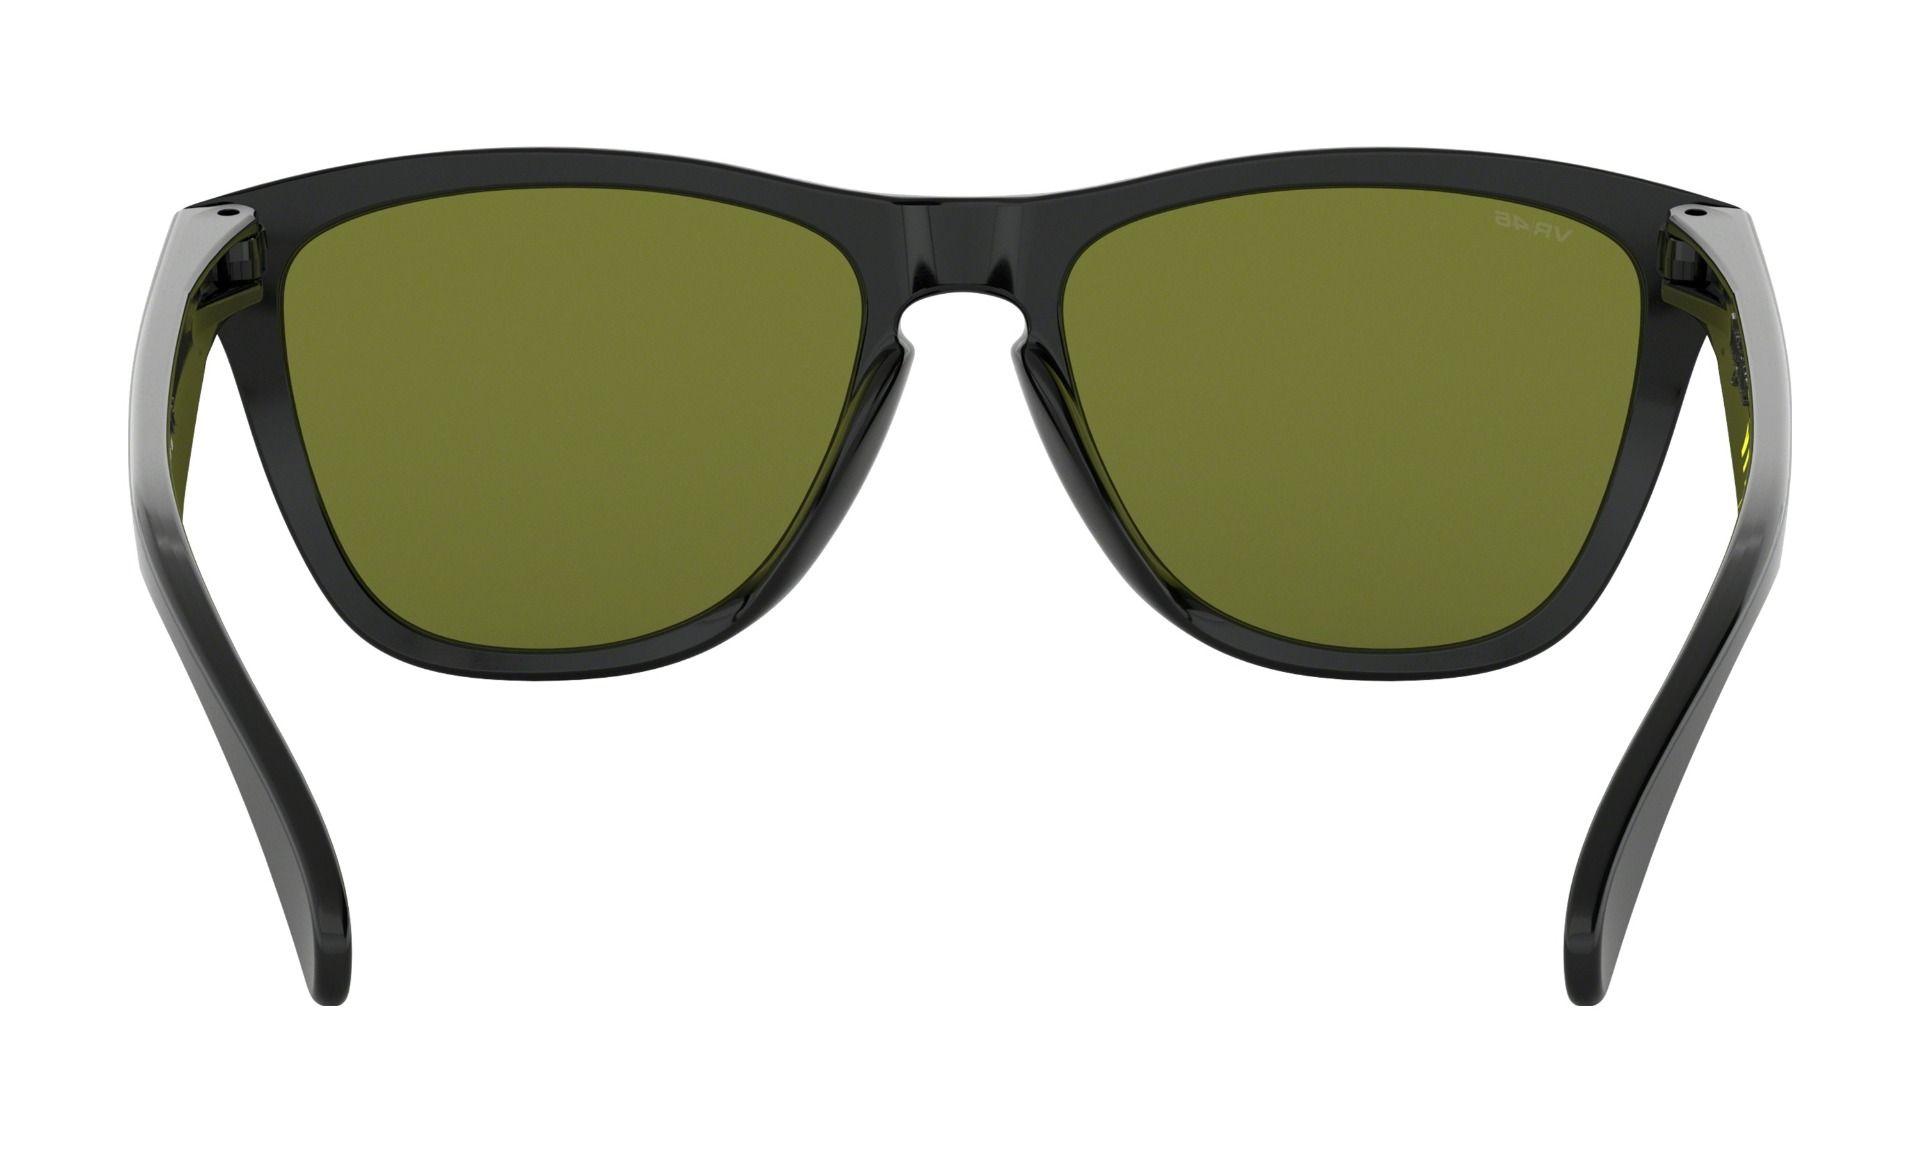 Oakley Frogskin Valentino Rossi Sunglasses - Gloss Black - Prizm Ruby 3cac4839b80e